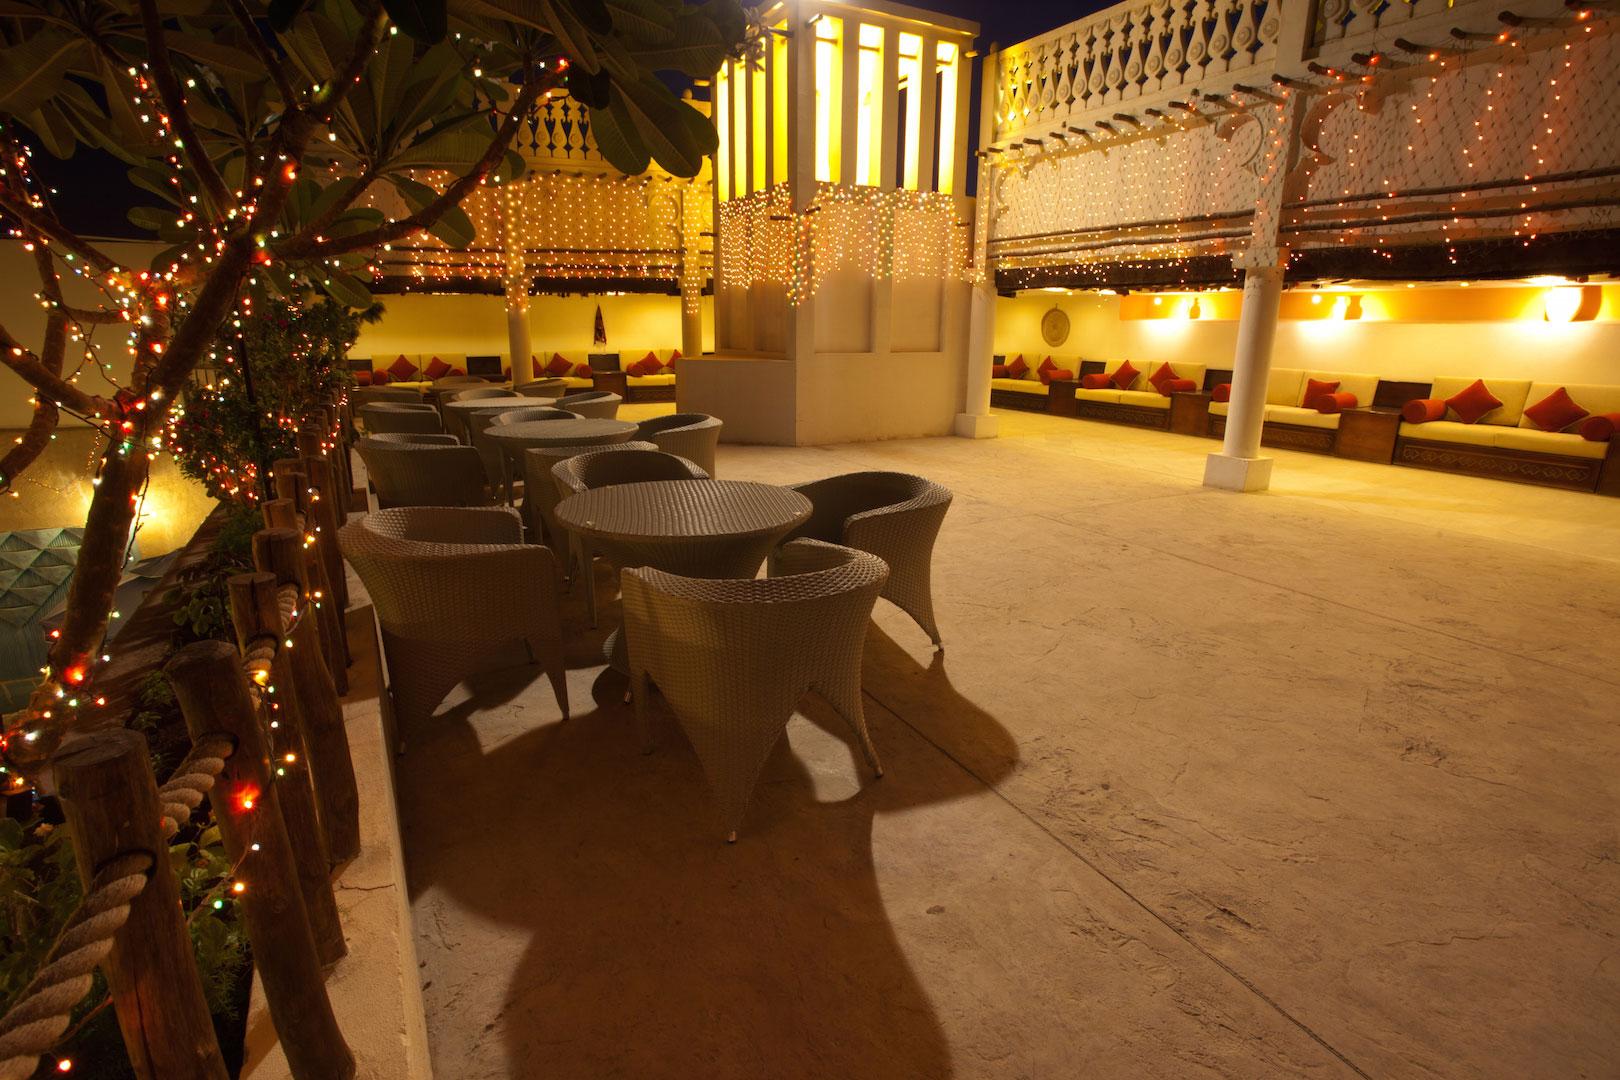 http://alliwansuites.com.qa/suites/wp-content/uploads/2016/03/dining2.jpg